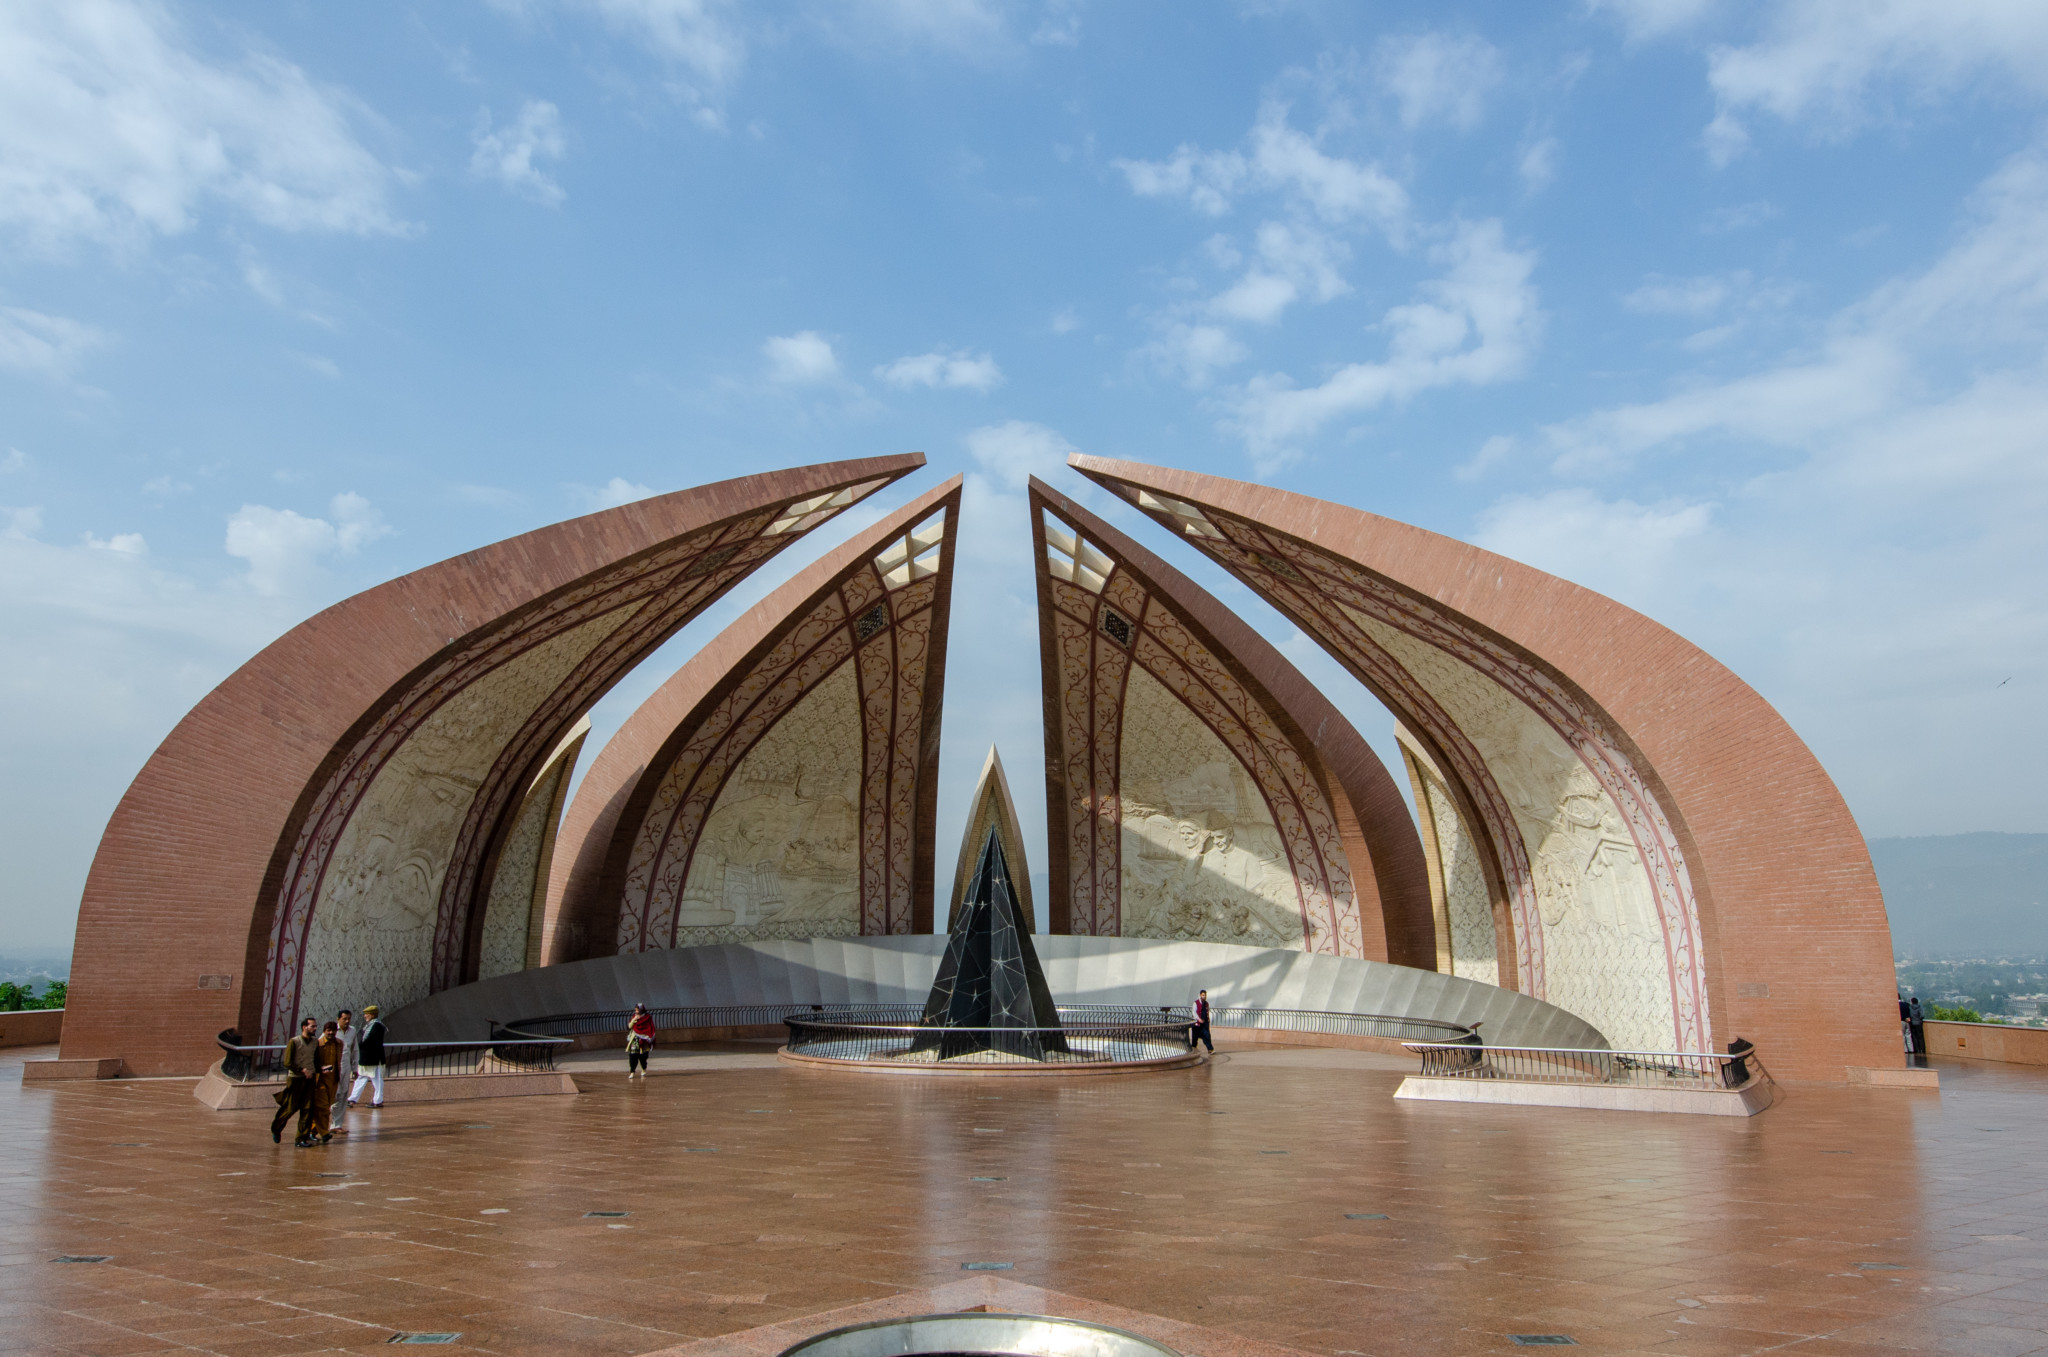 Pakistan Hotels: Wo kann man am besten übernachten?